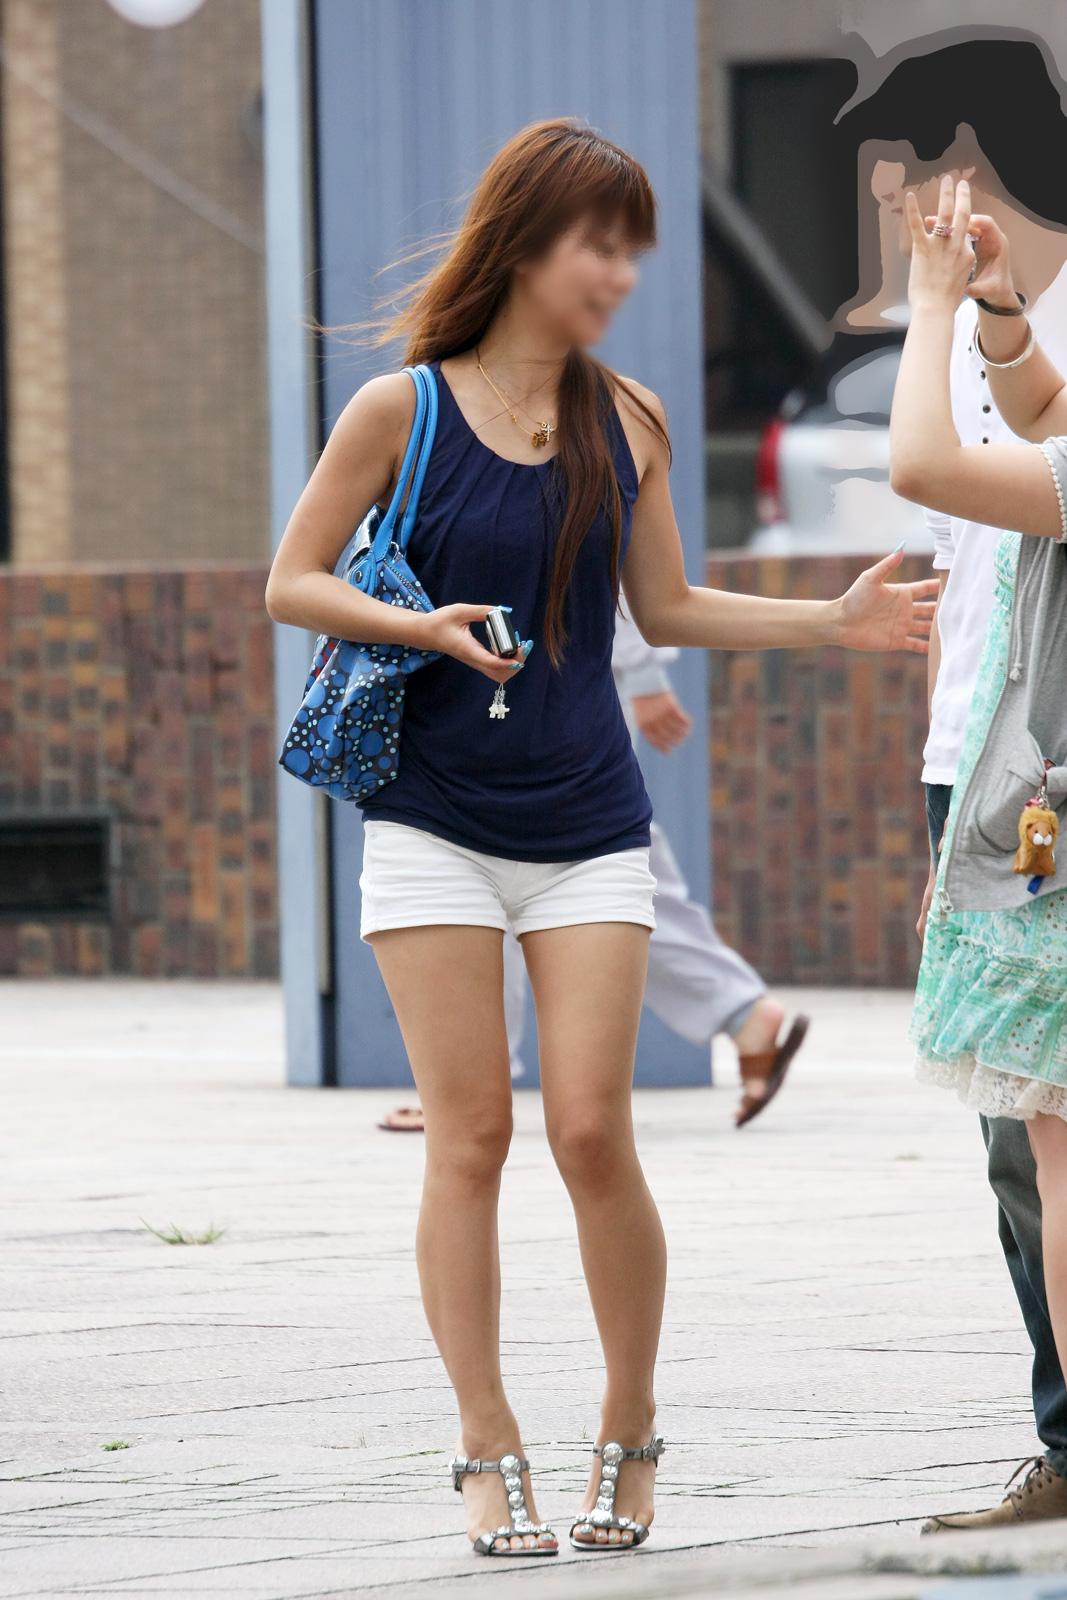 【美脚エロ画像】夏が近くまで来ている事を示す街角ショーパン美脚撮り!